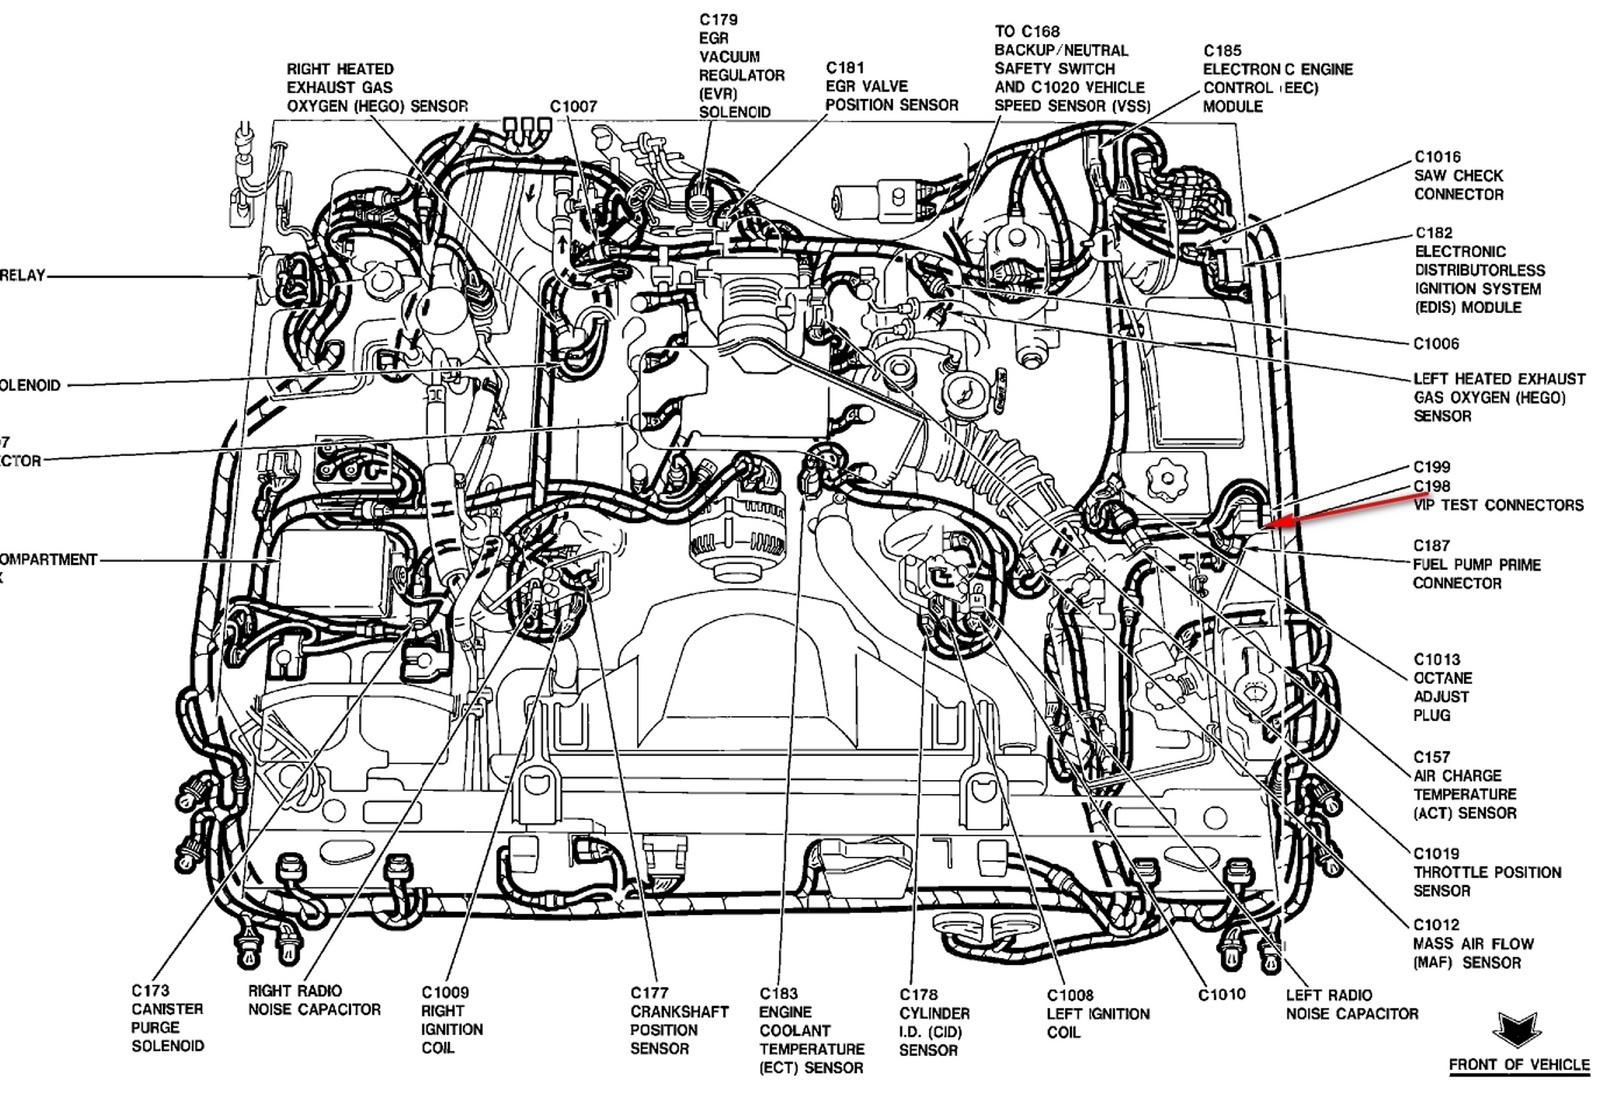 97 ford explorer eddie bauer fuse box diagram